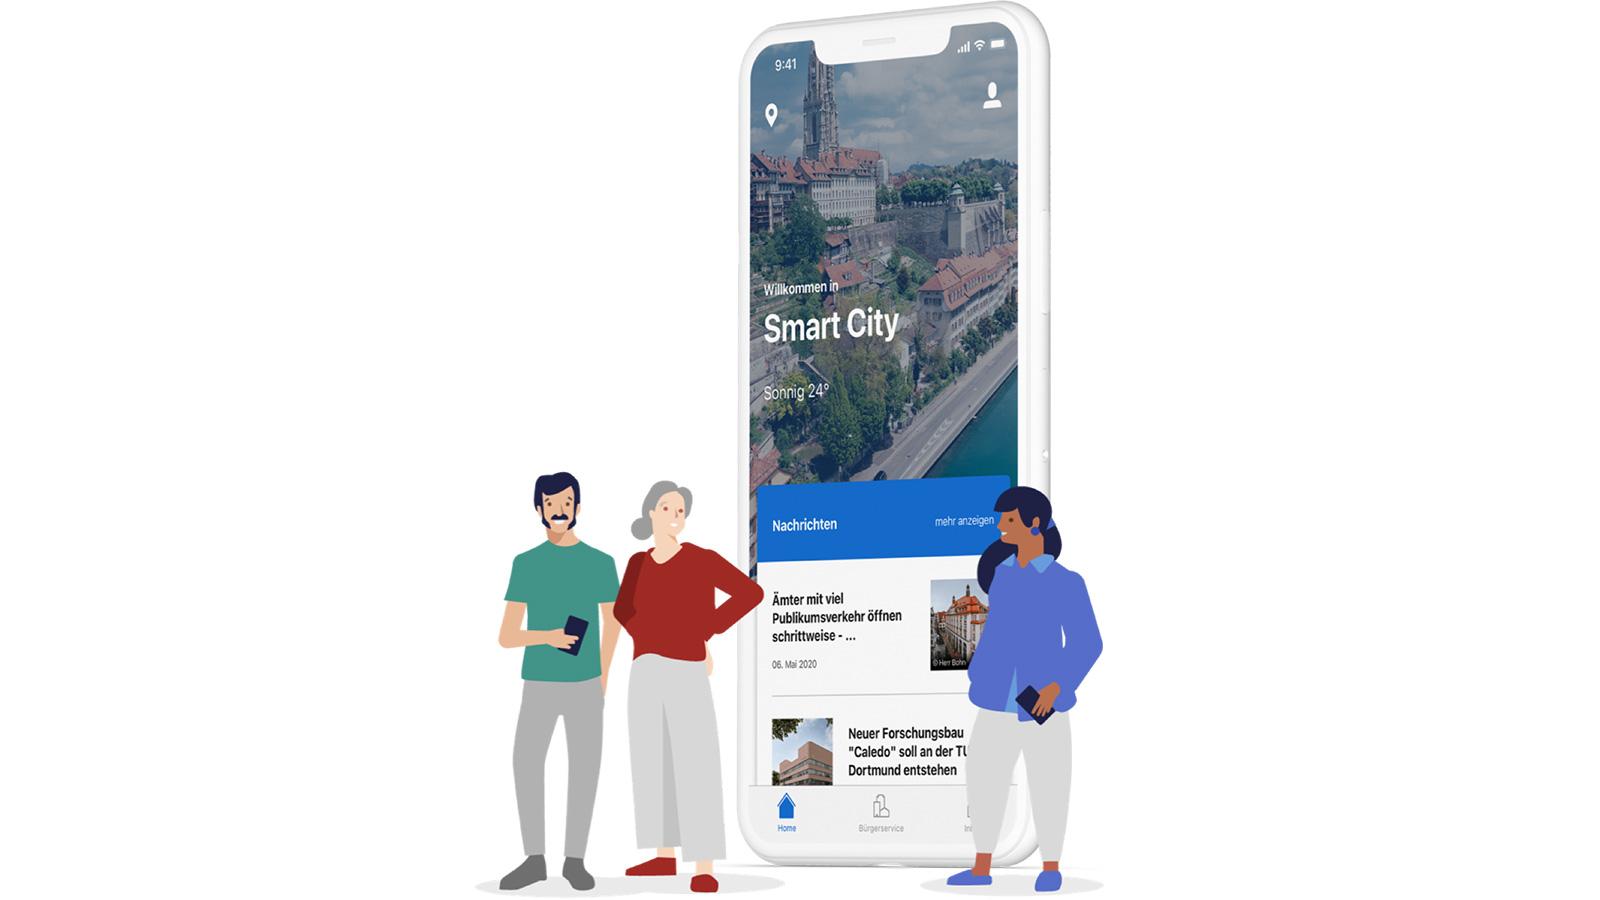 Zeit für einen einfachen und digitalen Bürgerservice. Wir entwickeln Citykey mit Städten und Gemeinden in ganz Deutschland. Erreiche deine Stadt per Smartphone – ganz ohne Schlange stehen. Die App erhält laufend neue Funktionen, die dir den Alltag erleichtern.